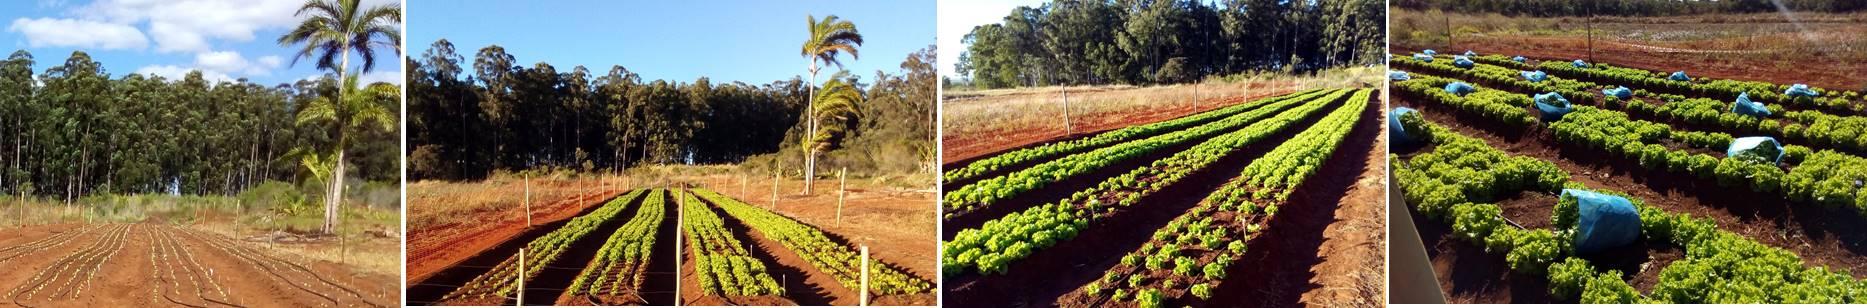 Experiment lettuce plant growth. Photo: J.L.R. Torres